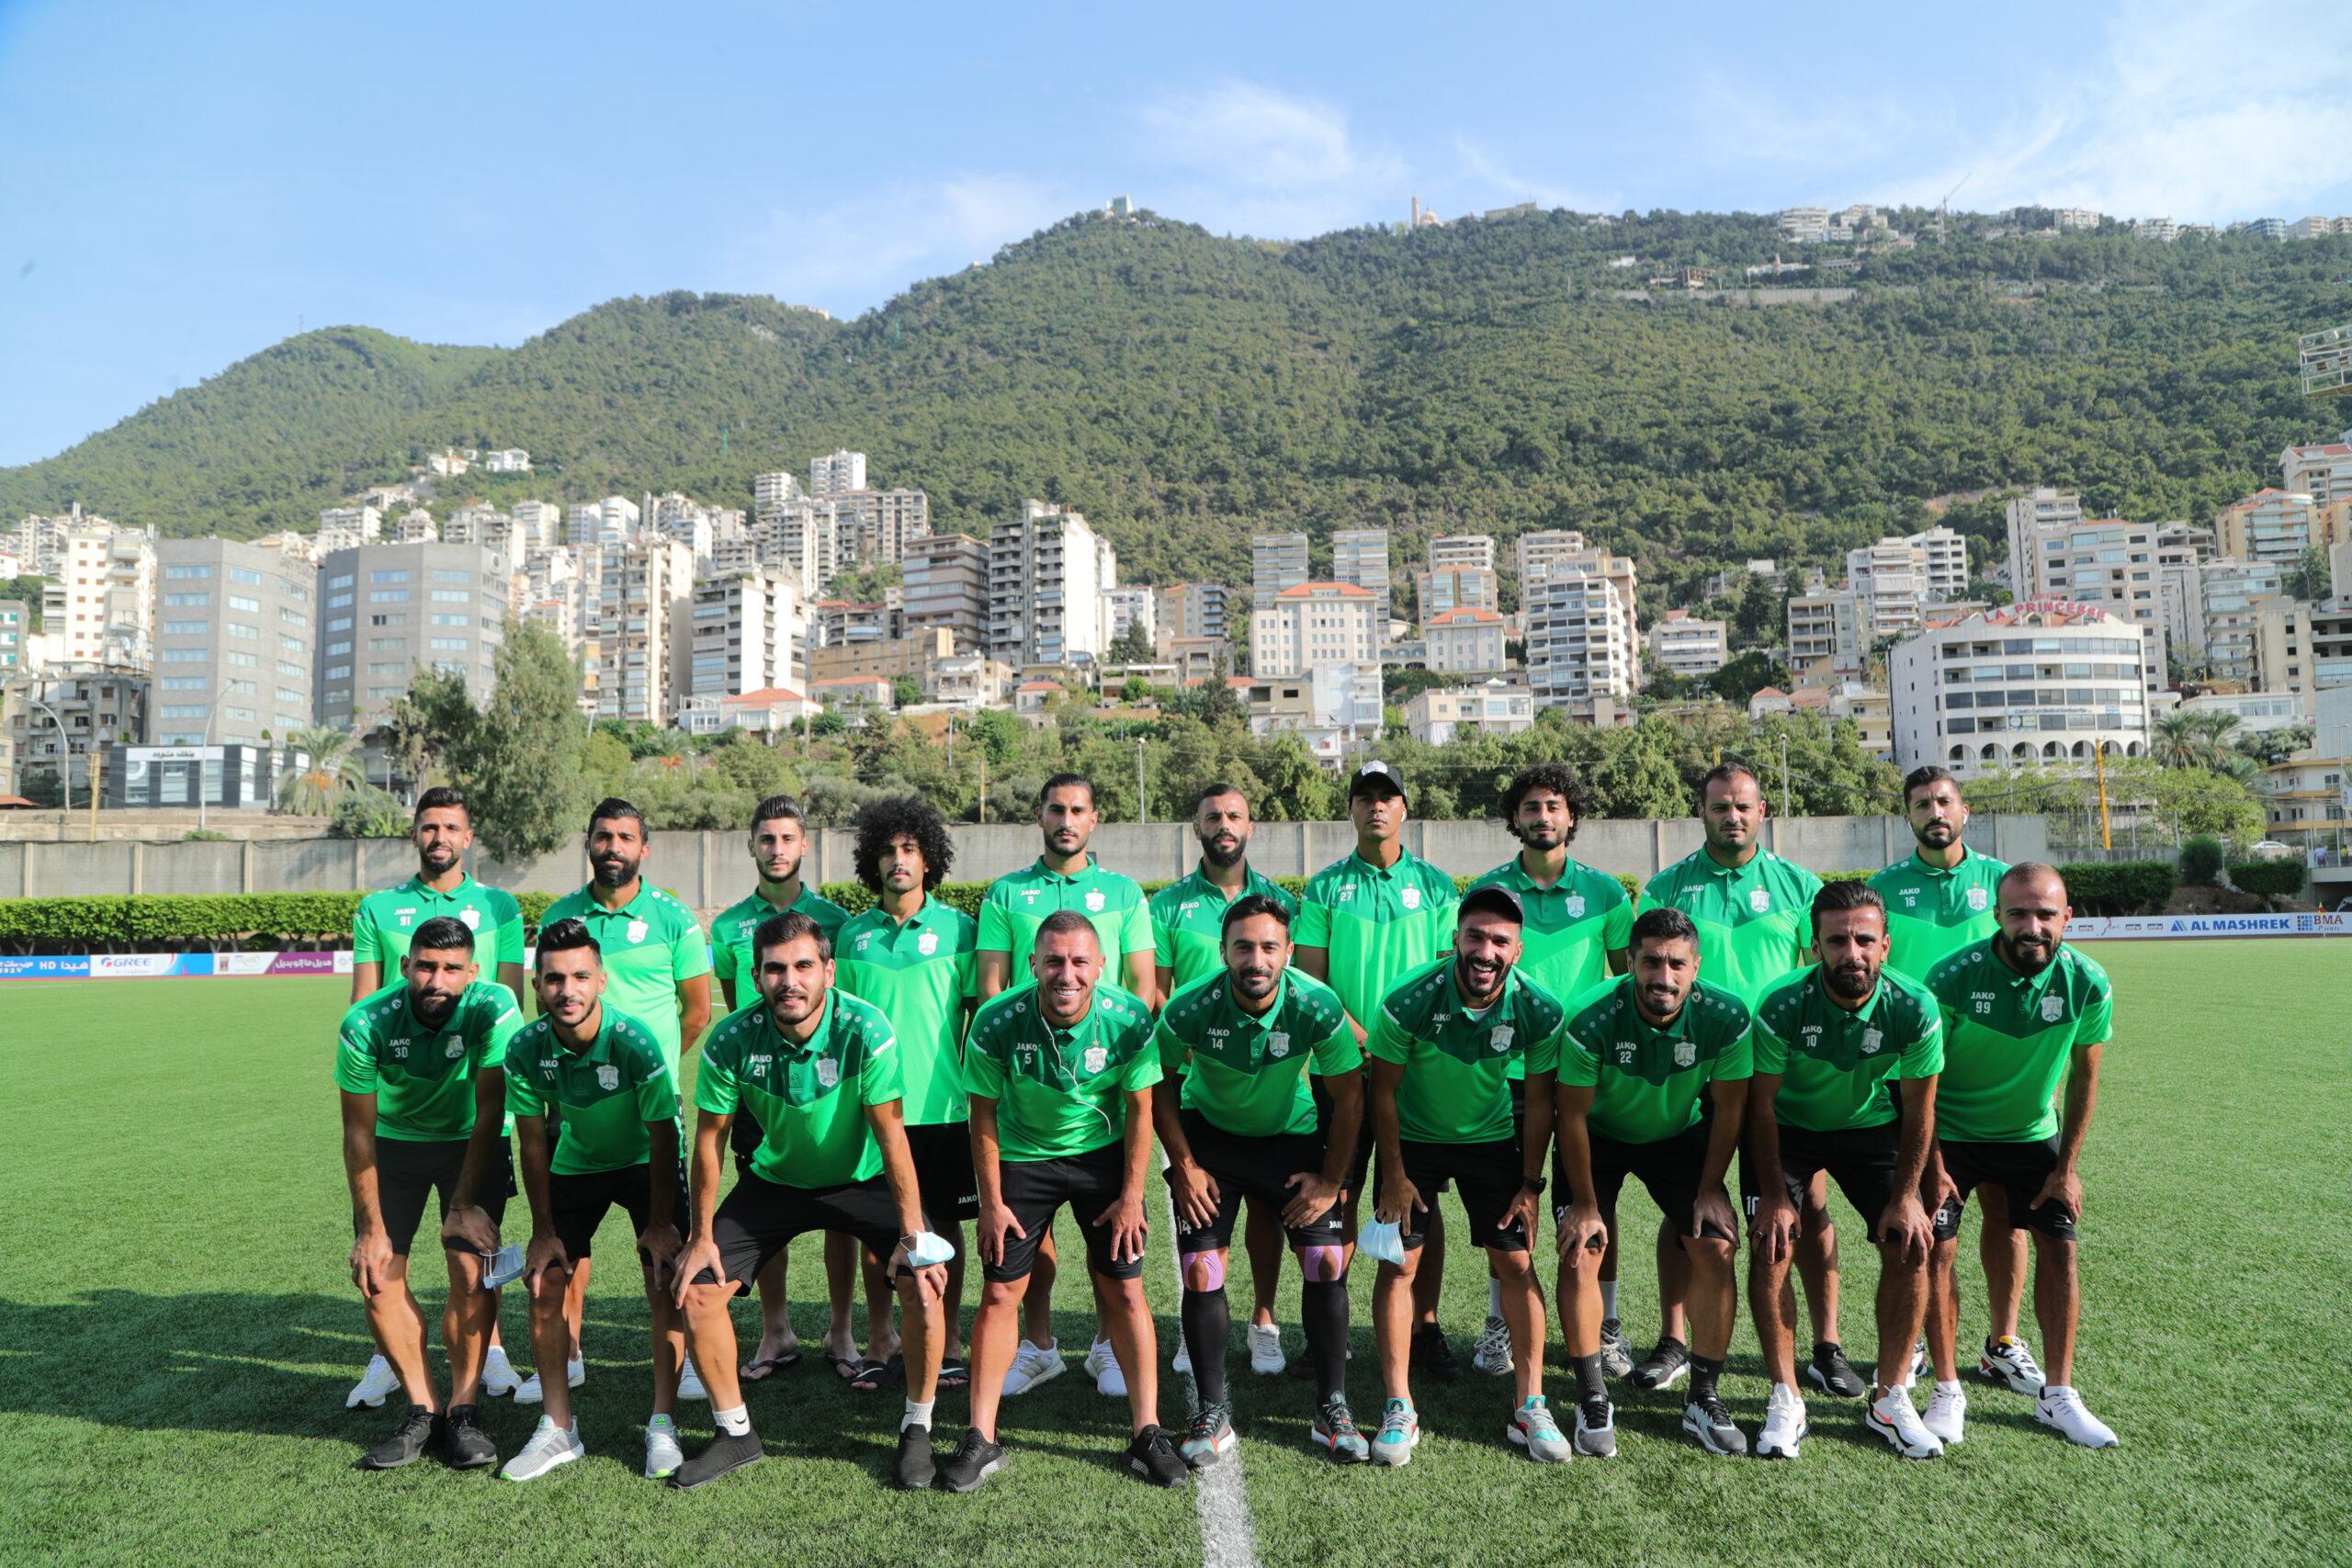 Ansar Football Club – Nabil Badr